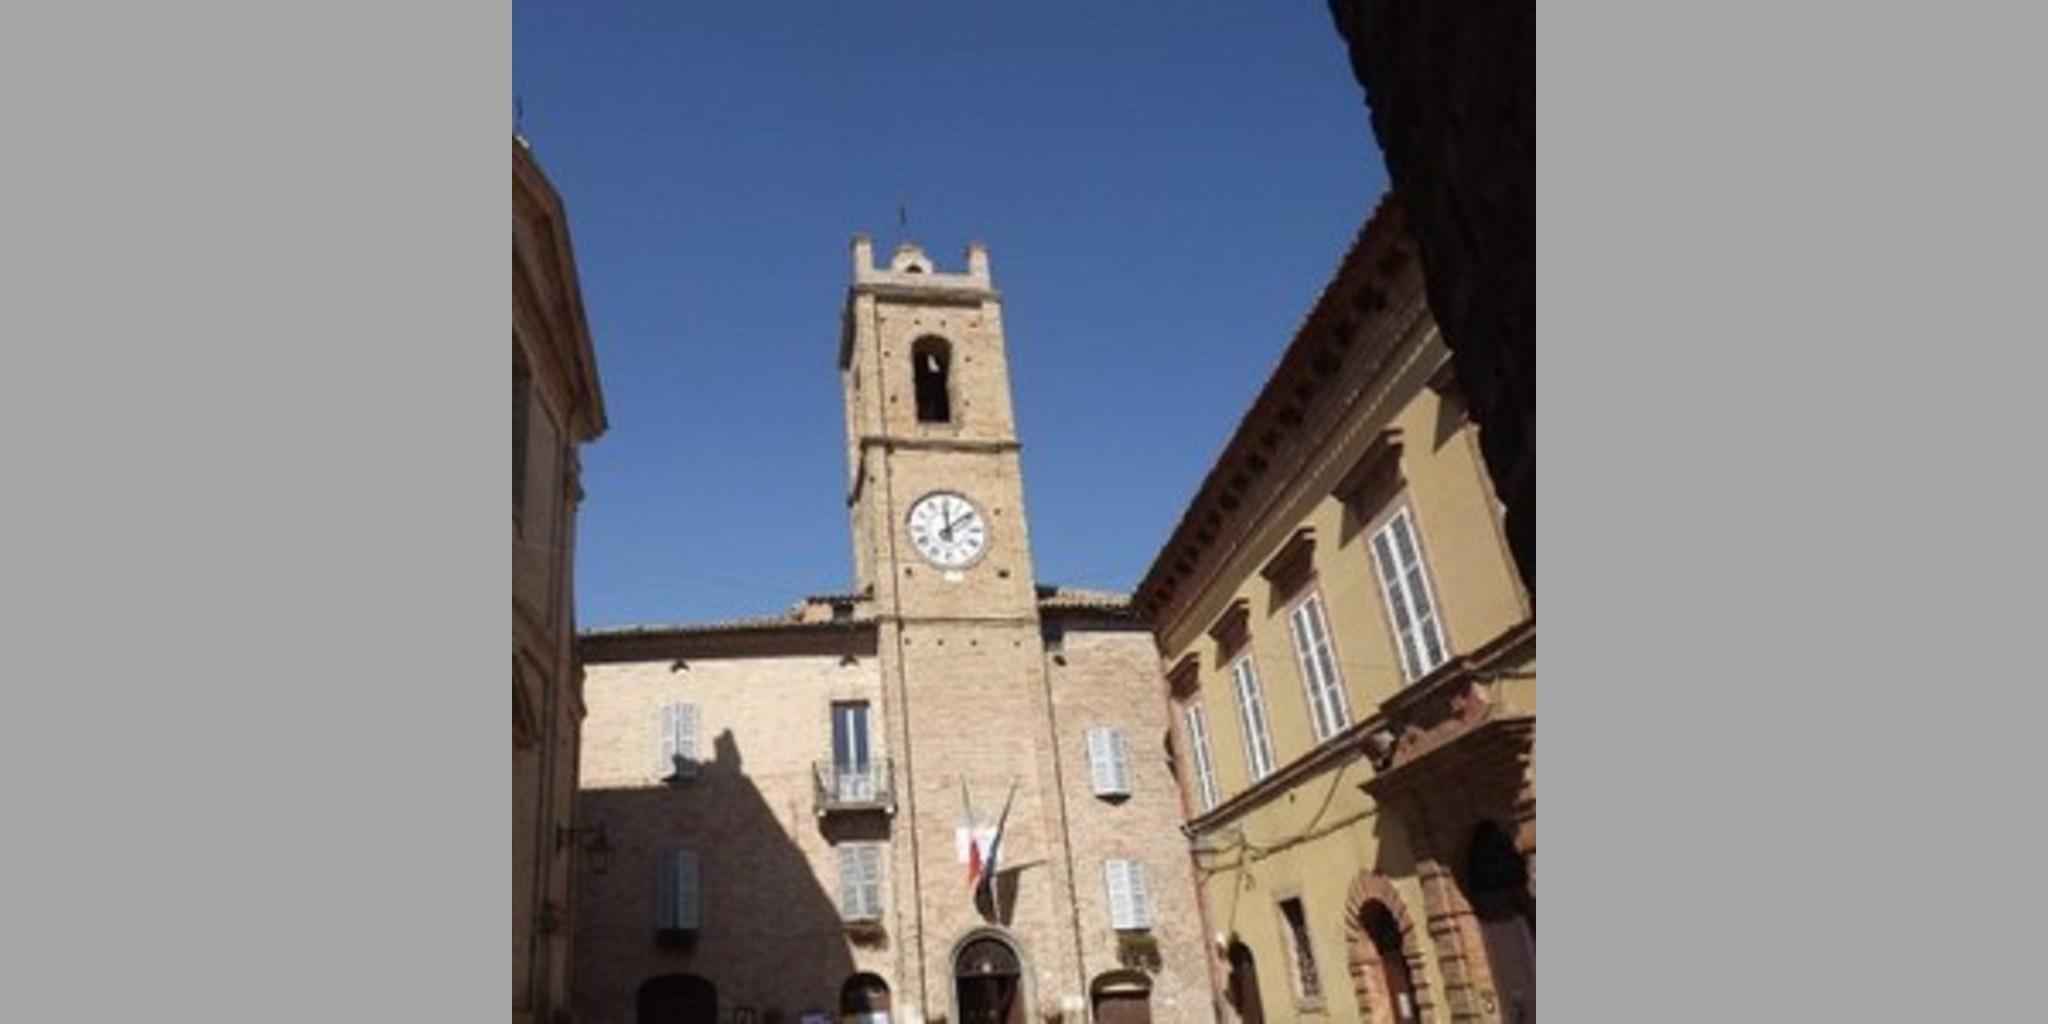 Bed & Breakfast Cossignano - Ascoli Piceno  Cossignano